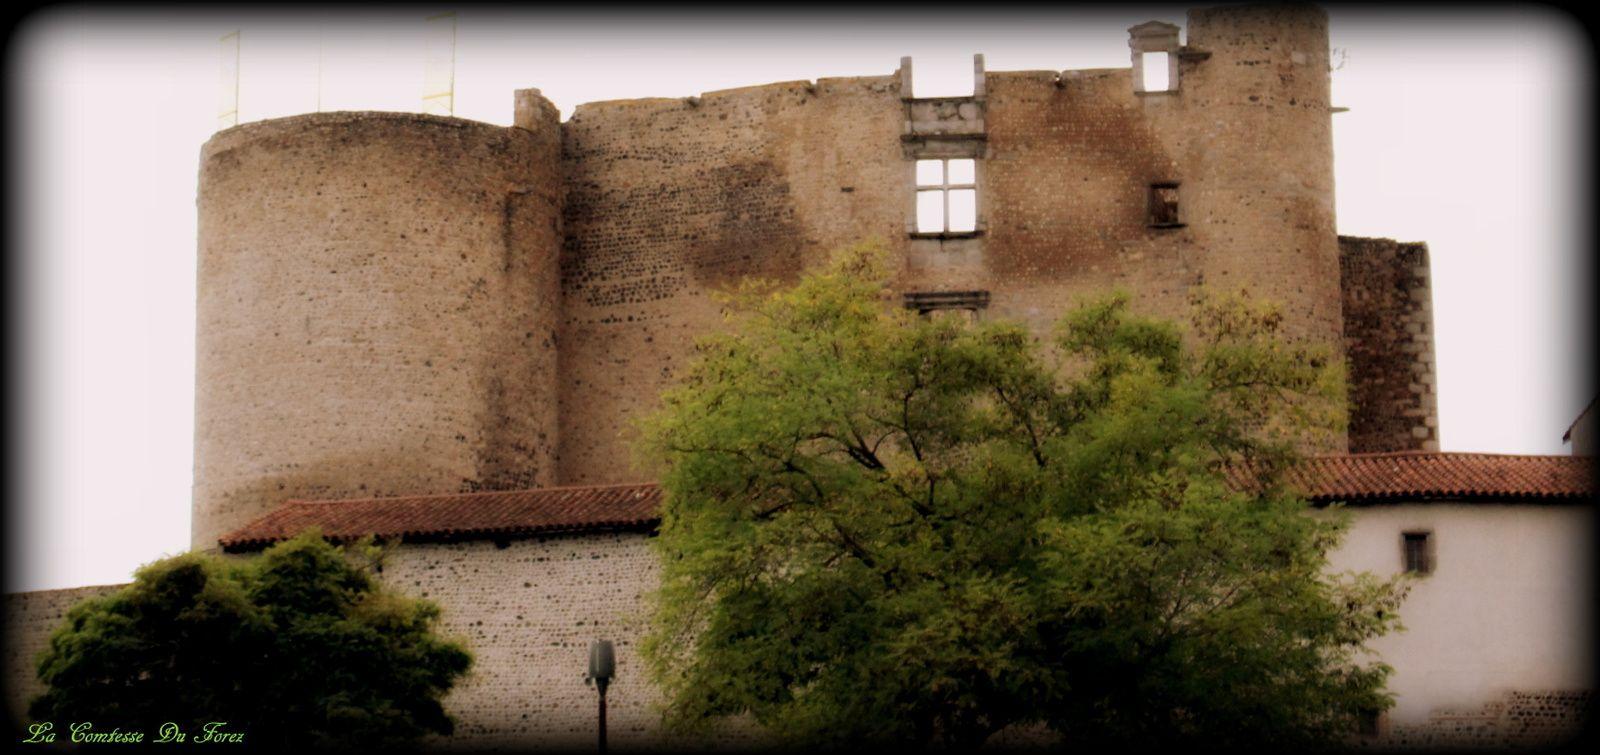 Montrond-Le-Fort s'anime (42, Montrond-Les-Bains)